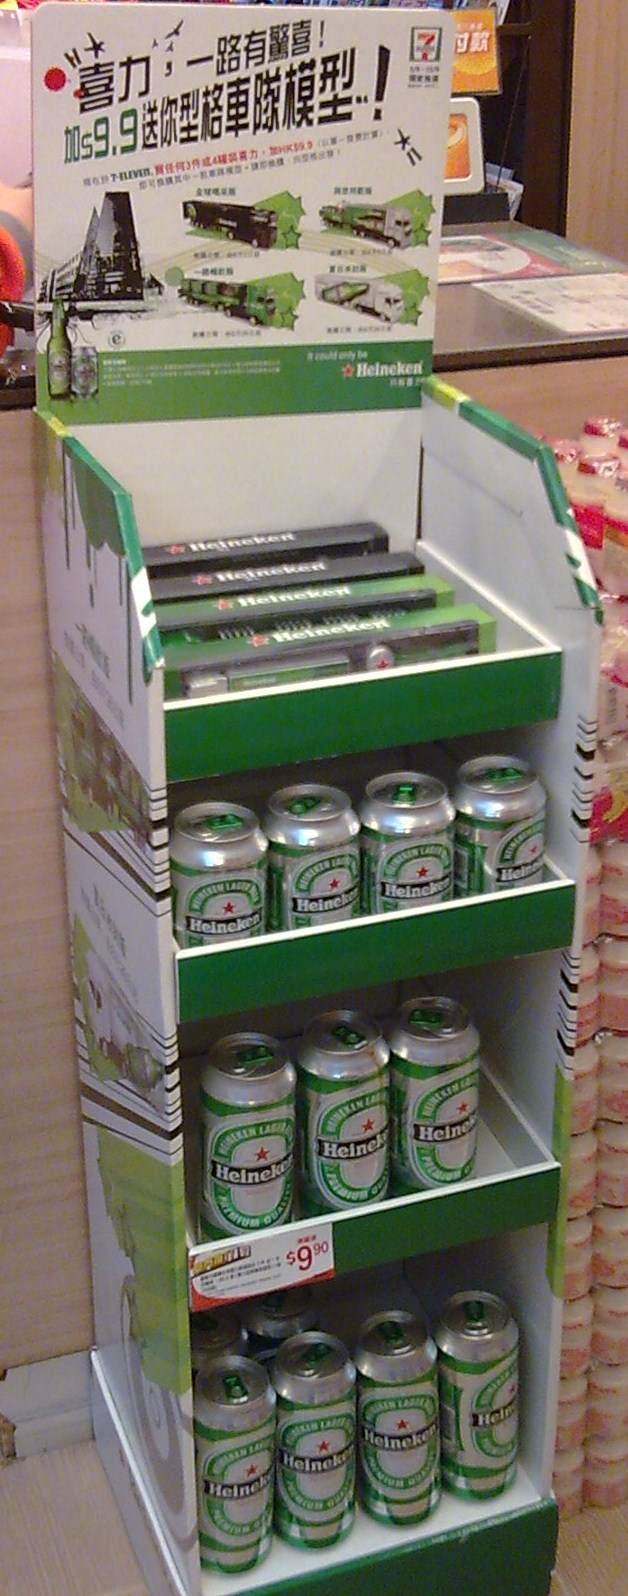 Heineken Promtion Stand